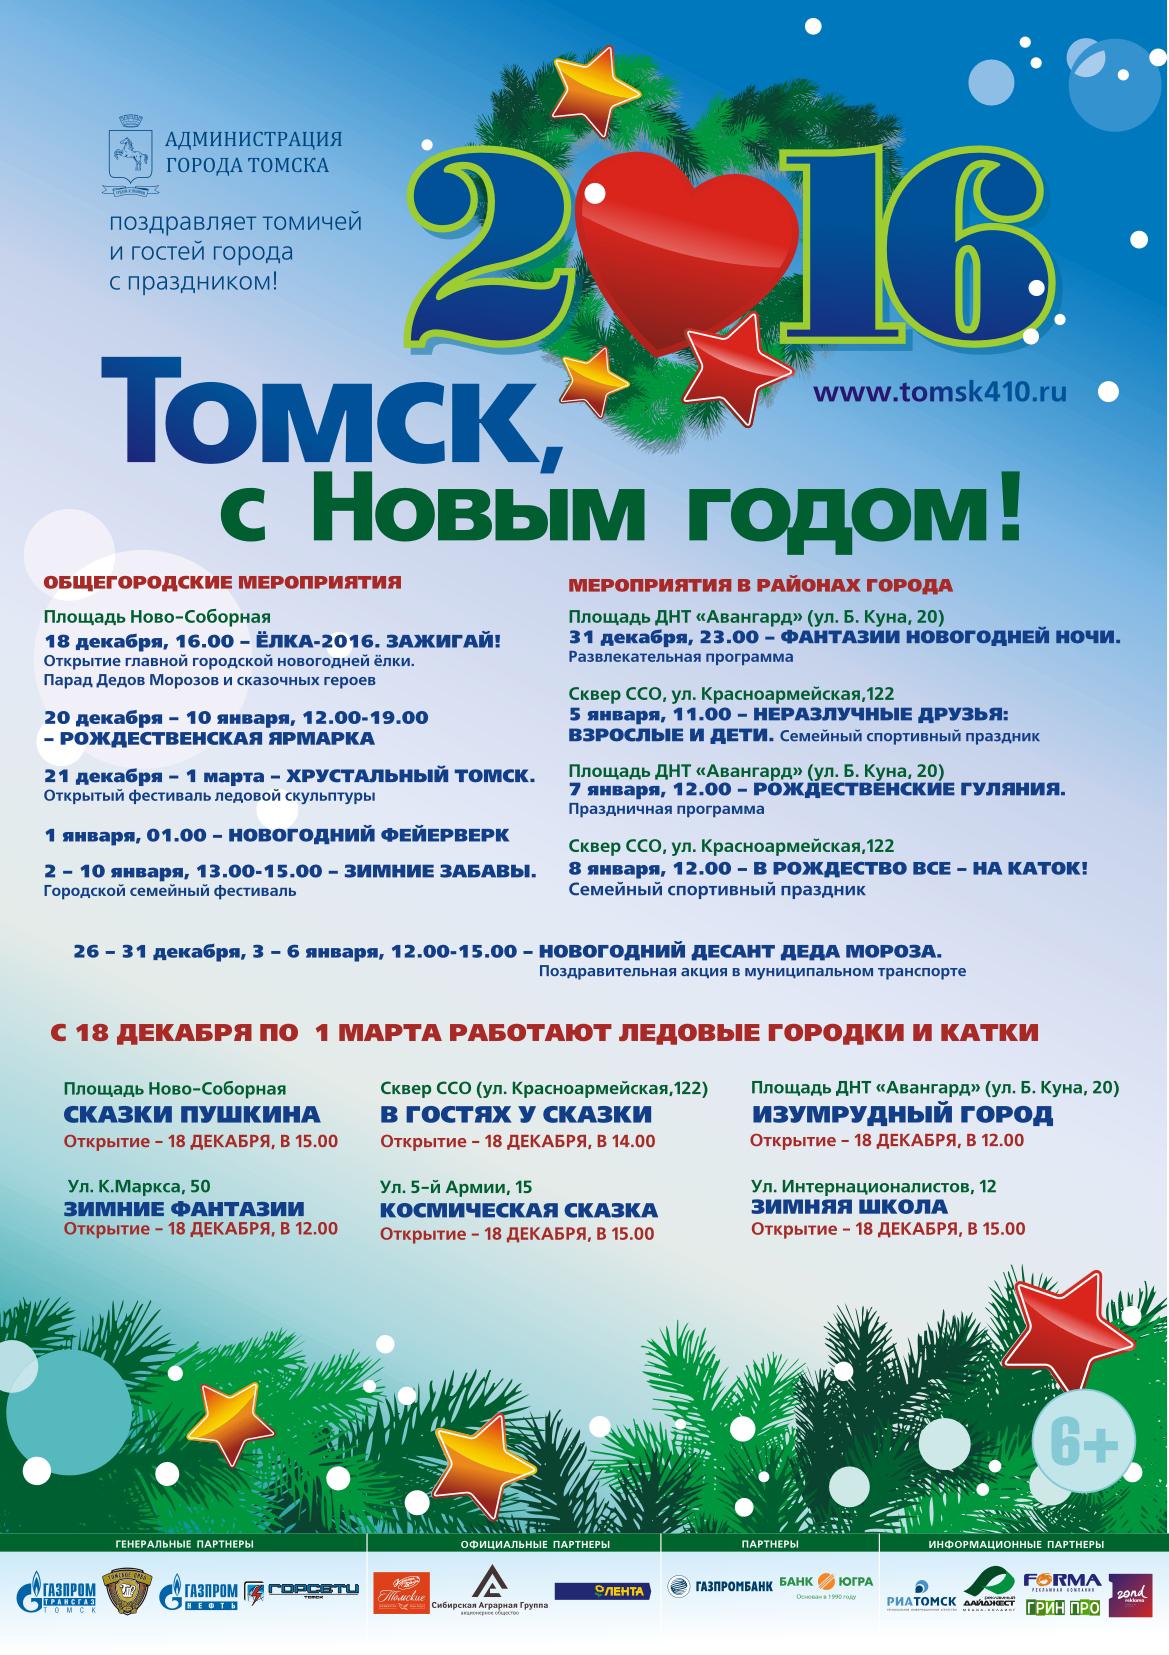 Театрально-концертный комплекс 13